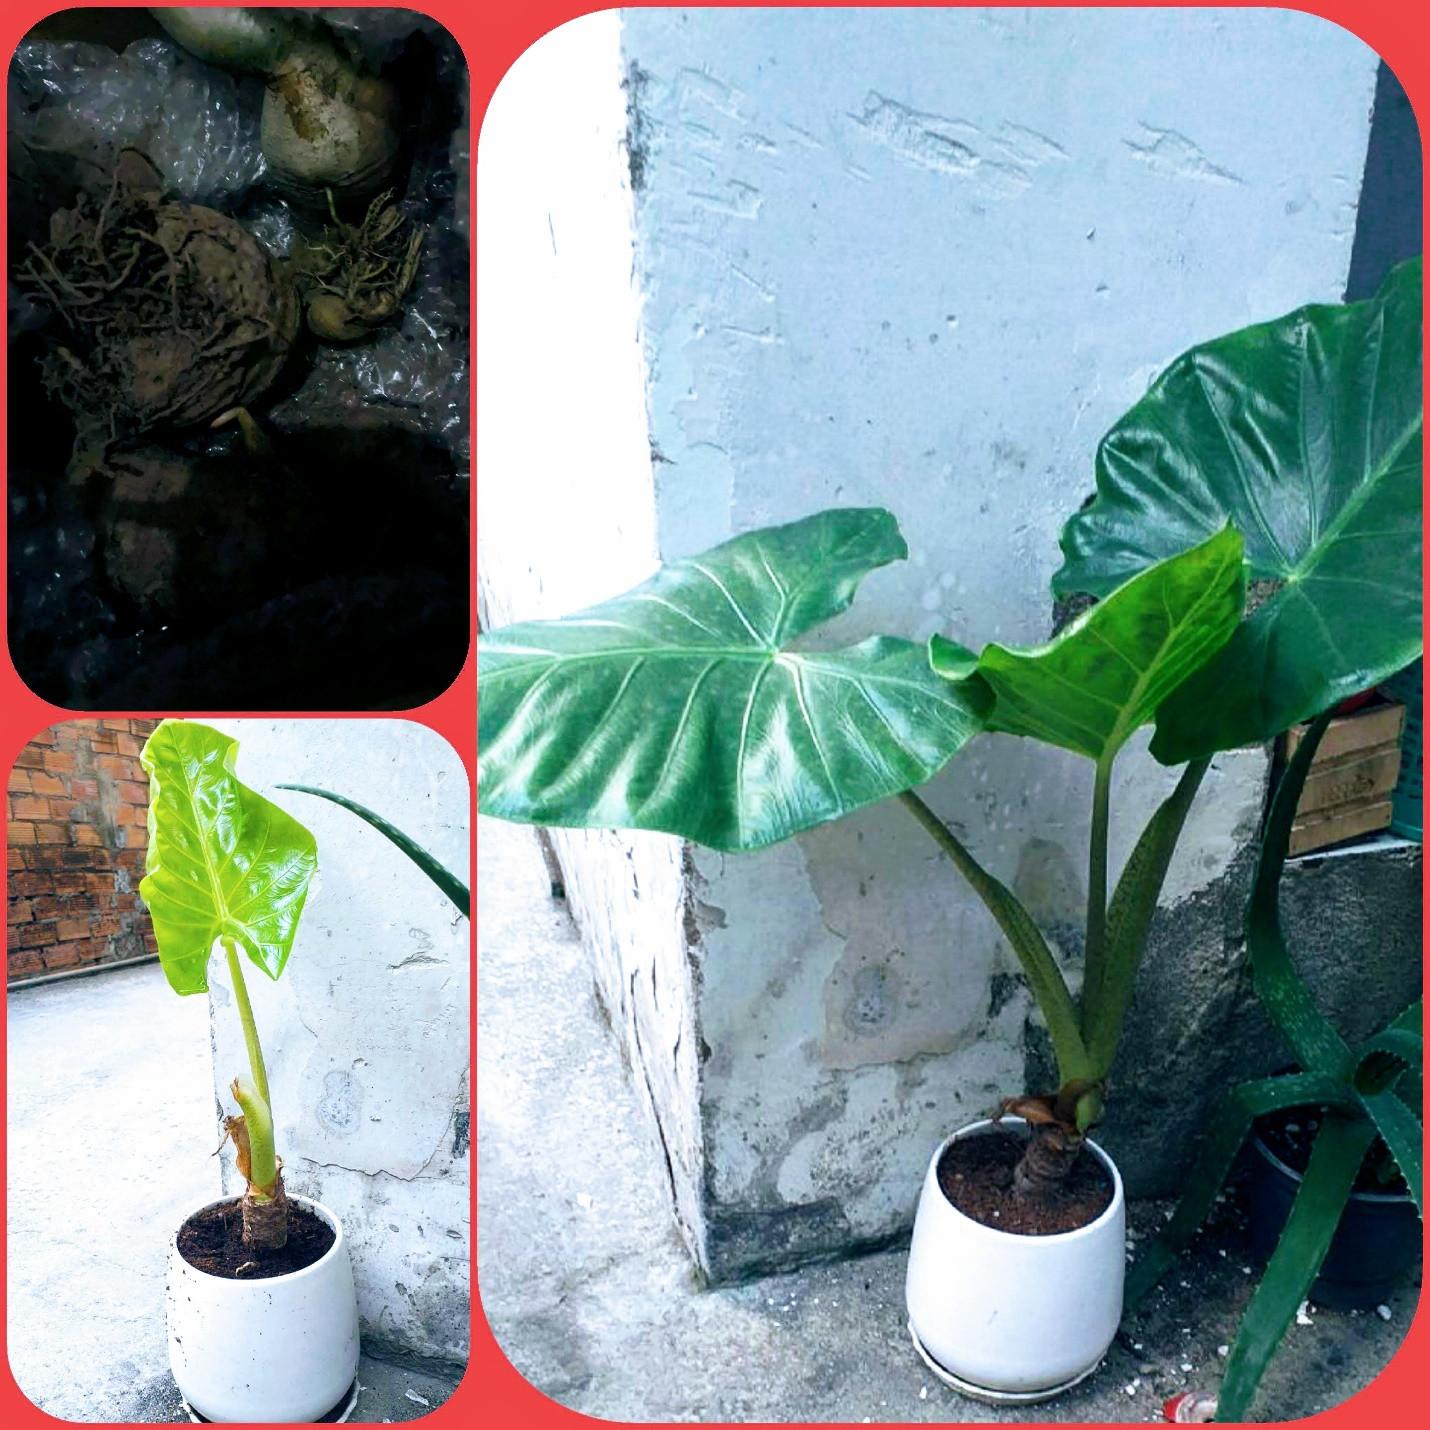 Sài Gòn trồng cây, hẹn gặp nhau khi hoa nở - 2